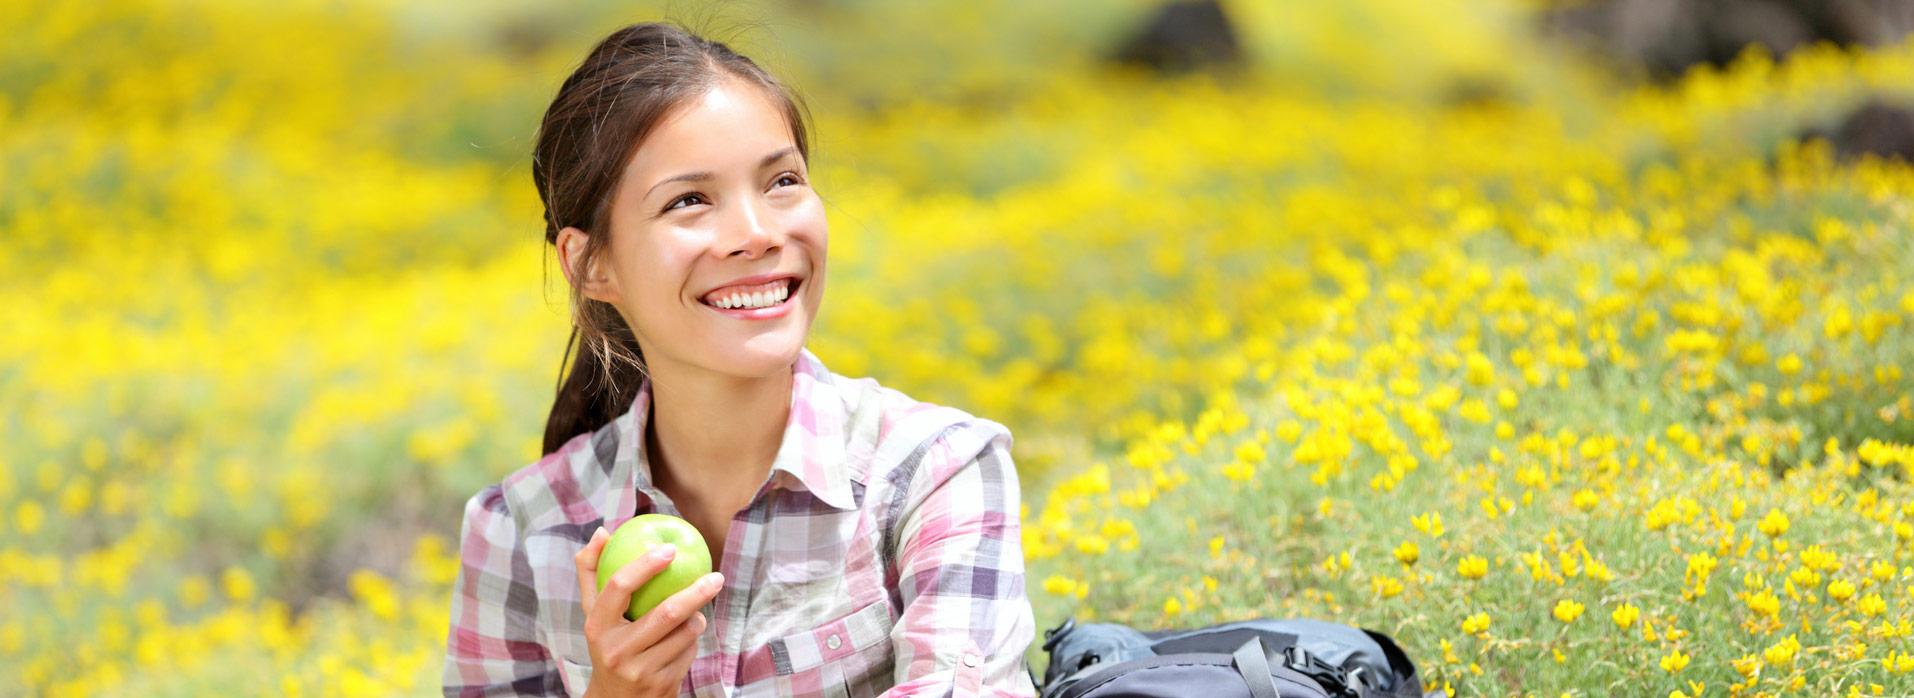 Eine Frau isst einen Apfel auf einer gelben Blumenwiese